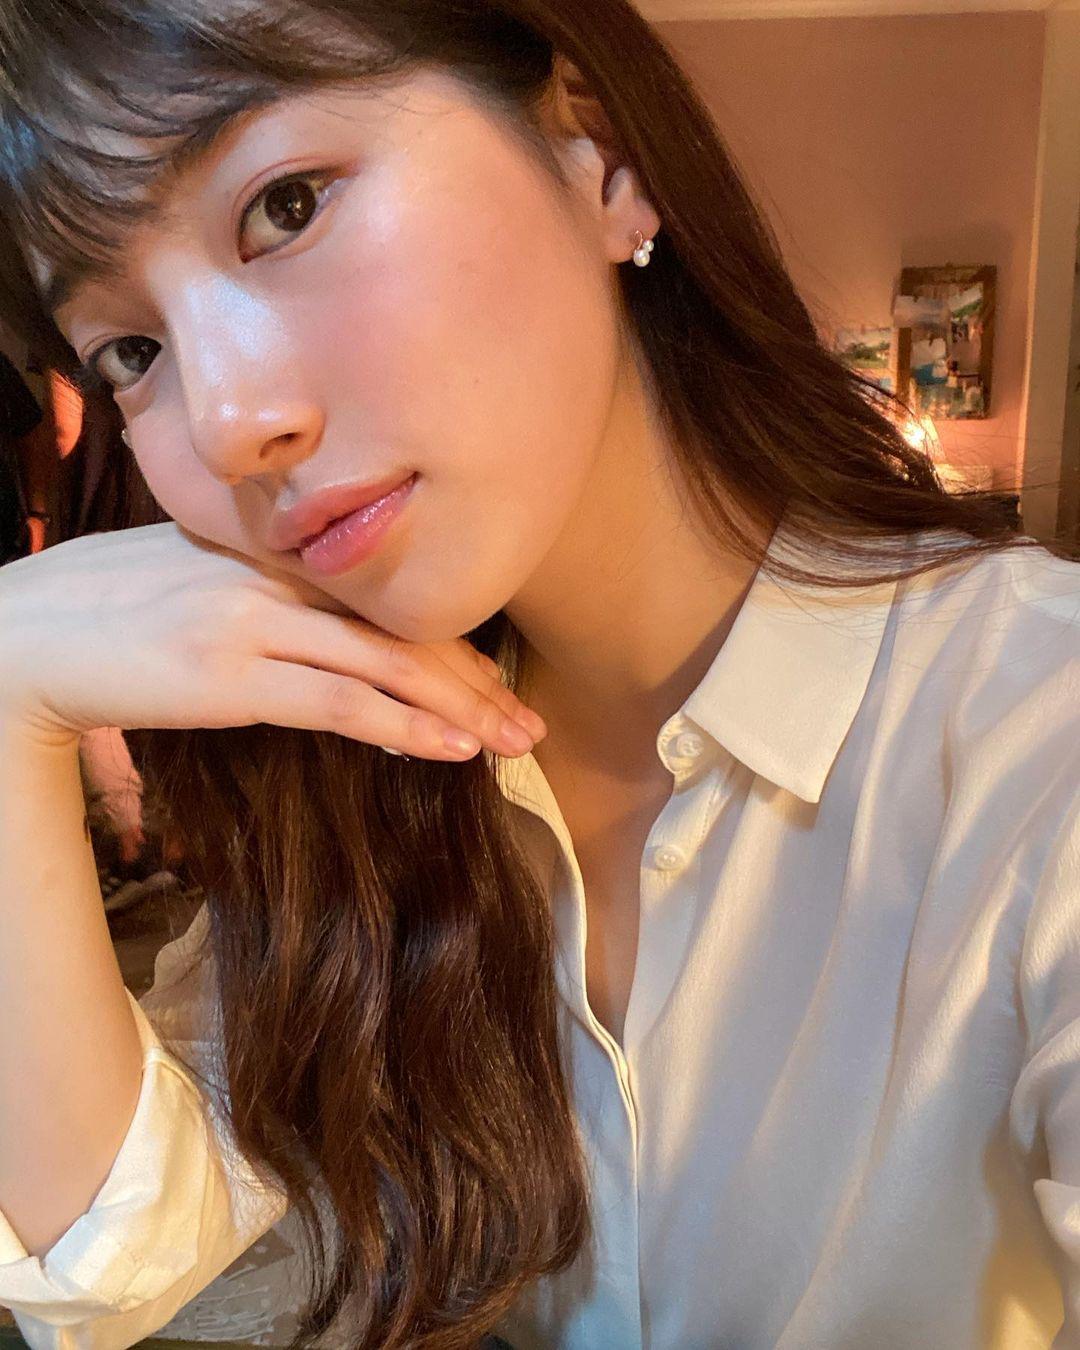 Suzy khoe làn da căng mịn trong ảnh chụp cận.